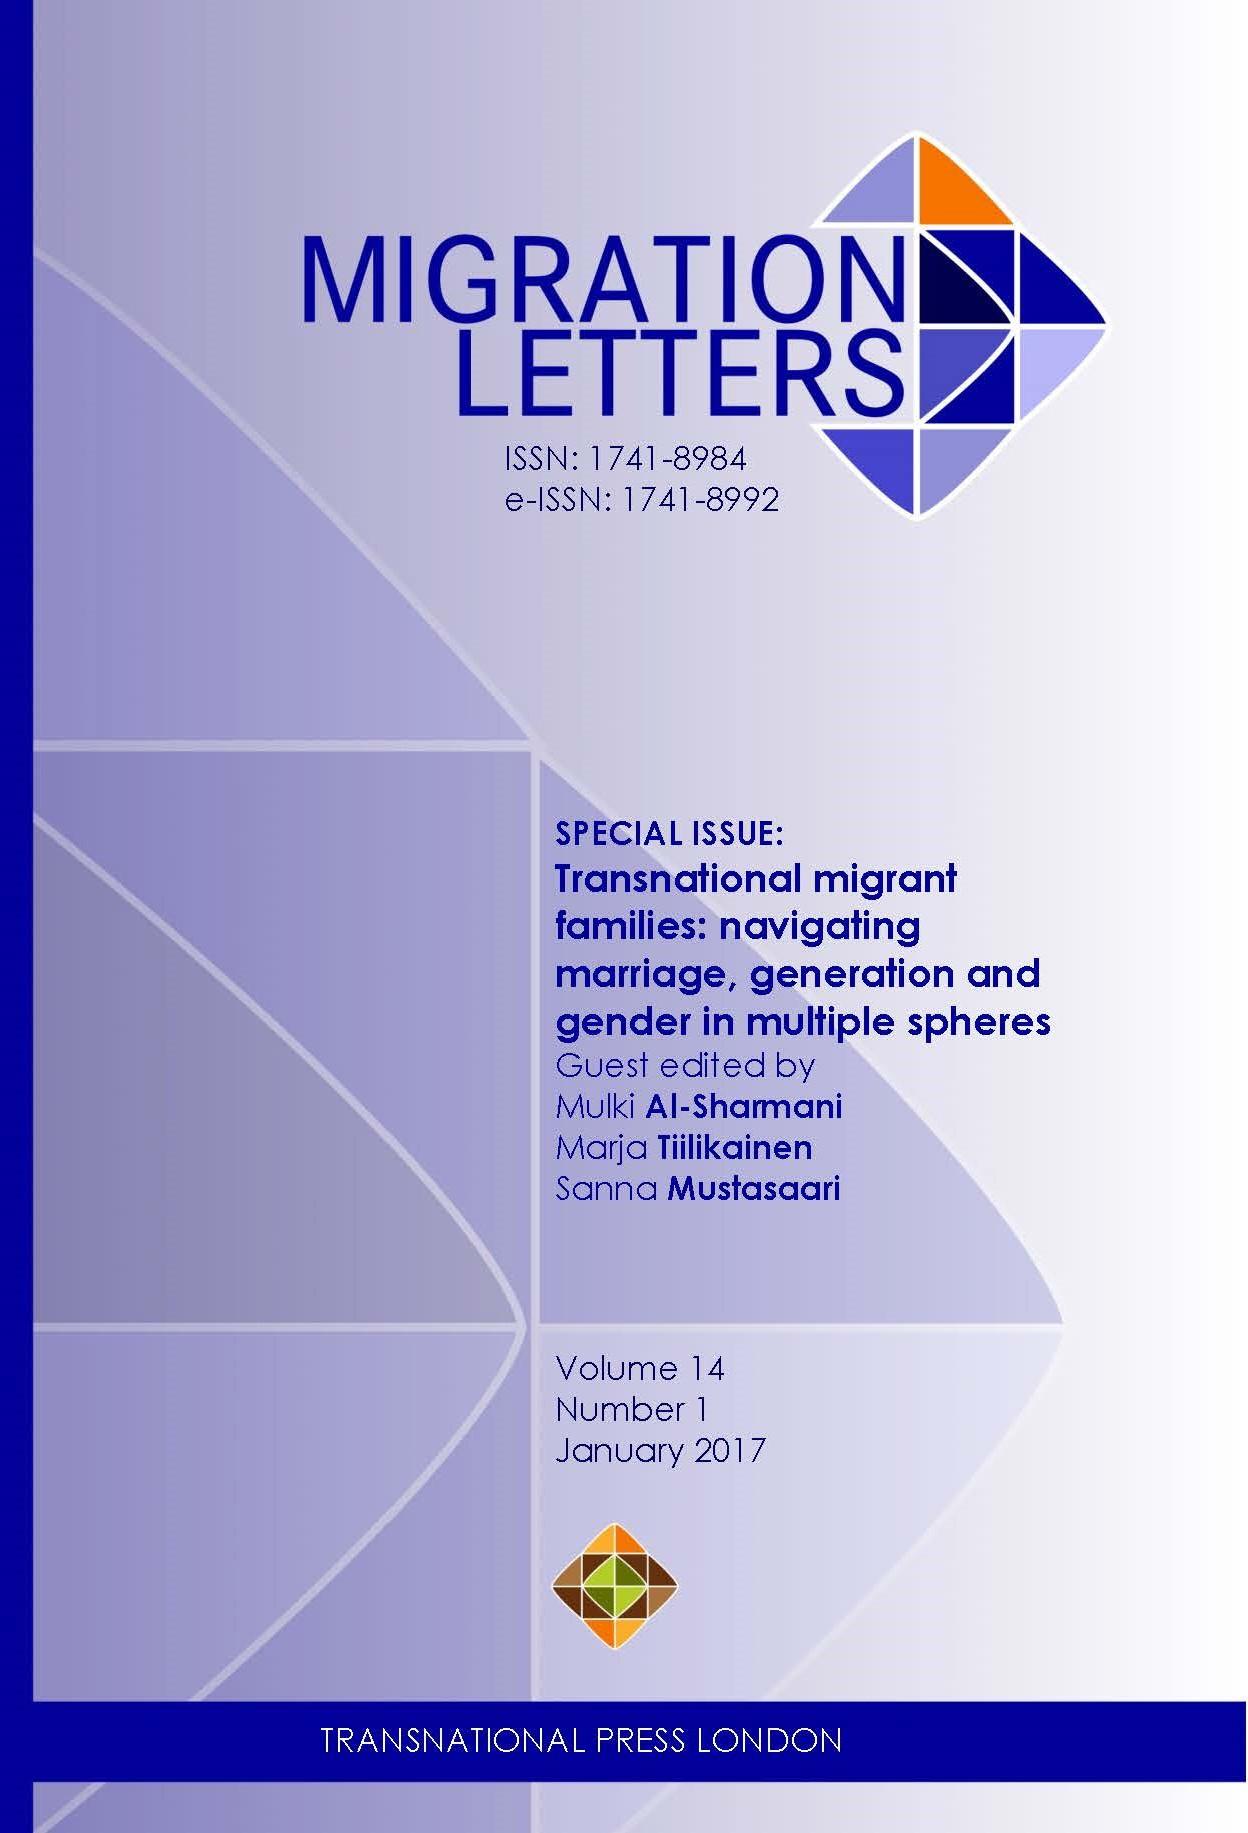 Migration Letters 2017-1